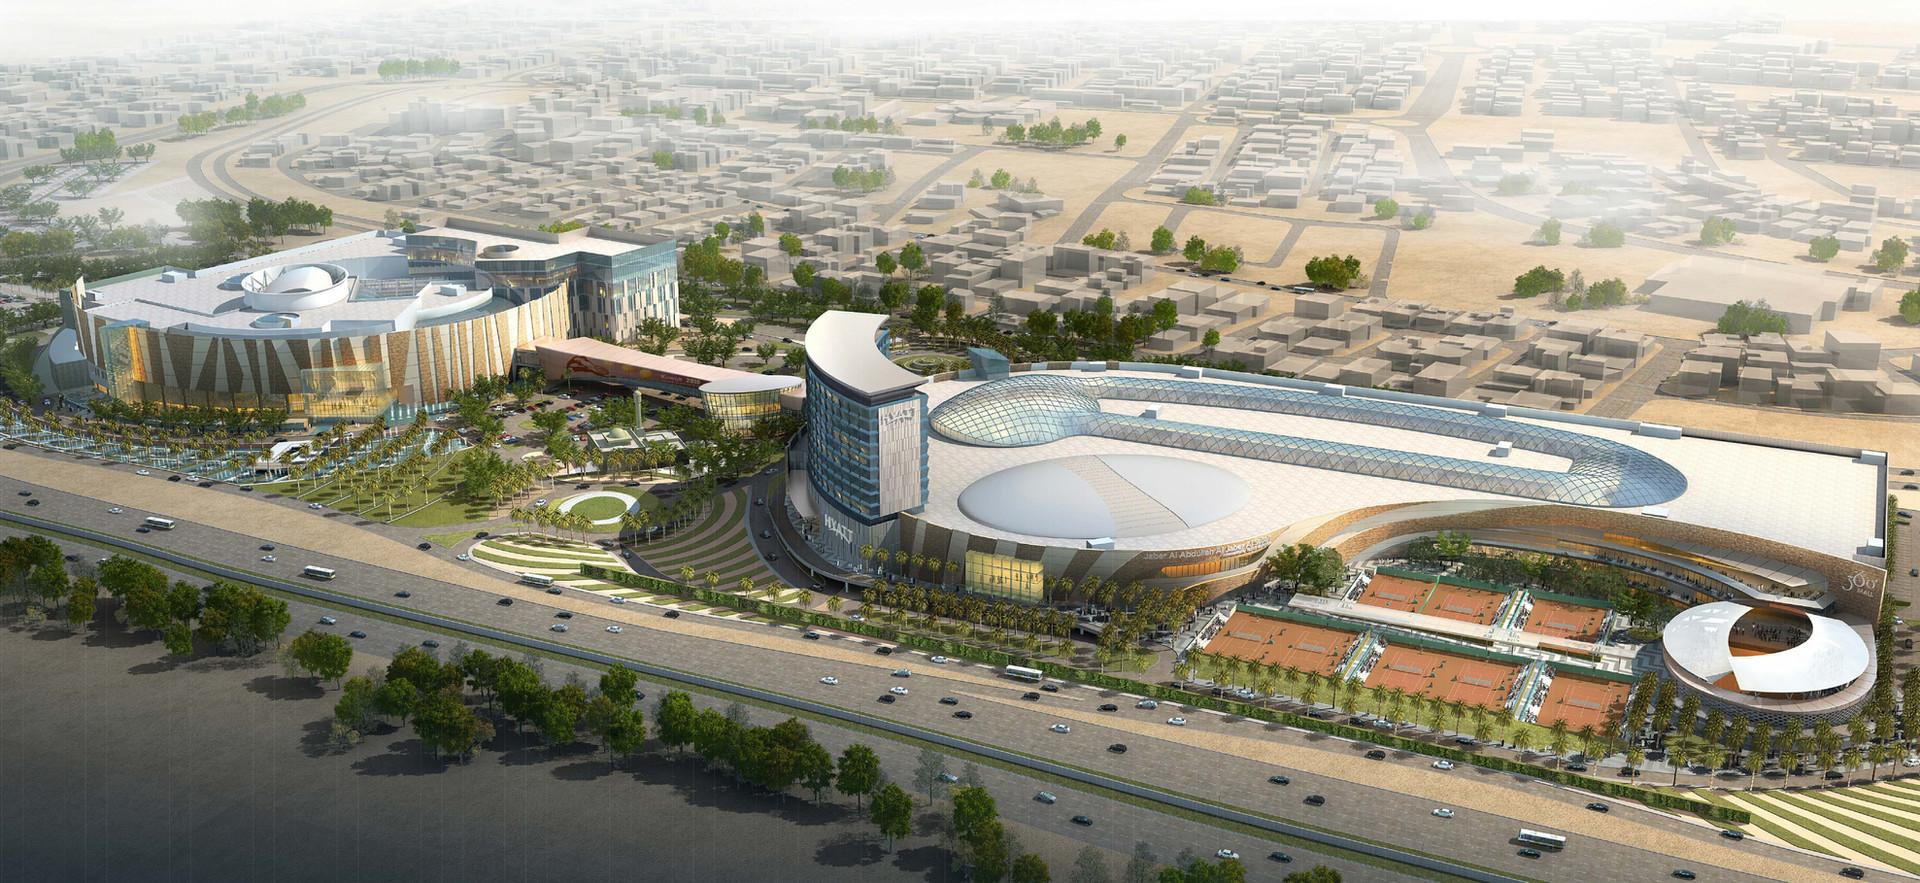 International Tennis Complex, Kuwait